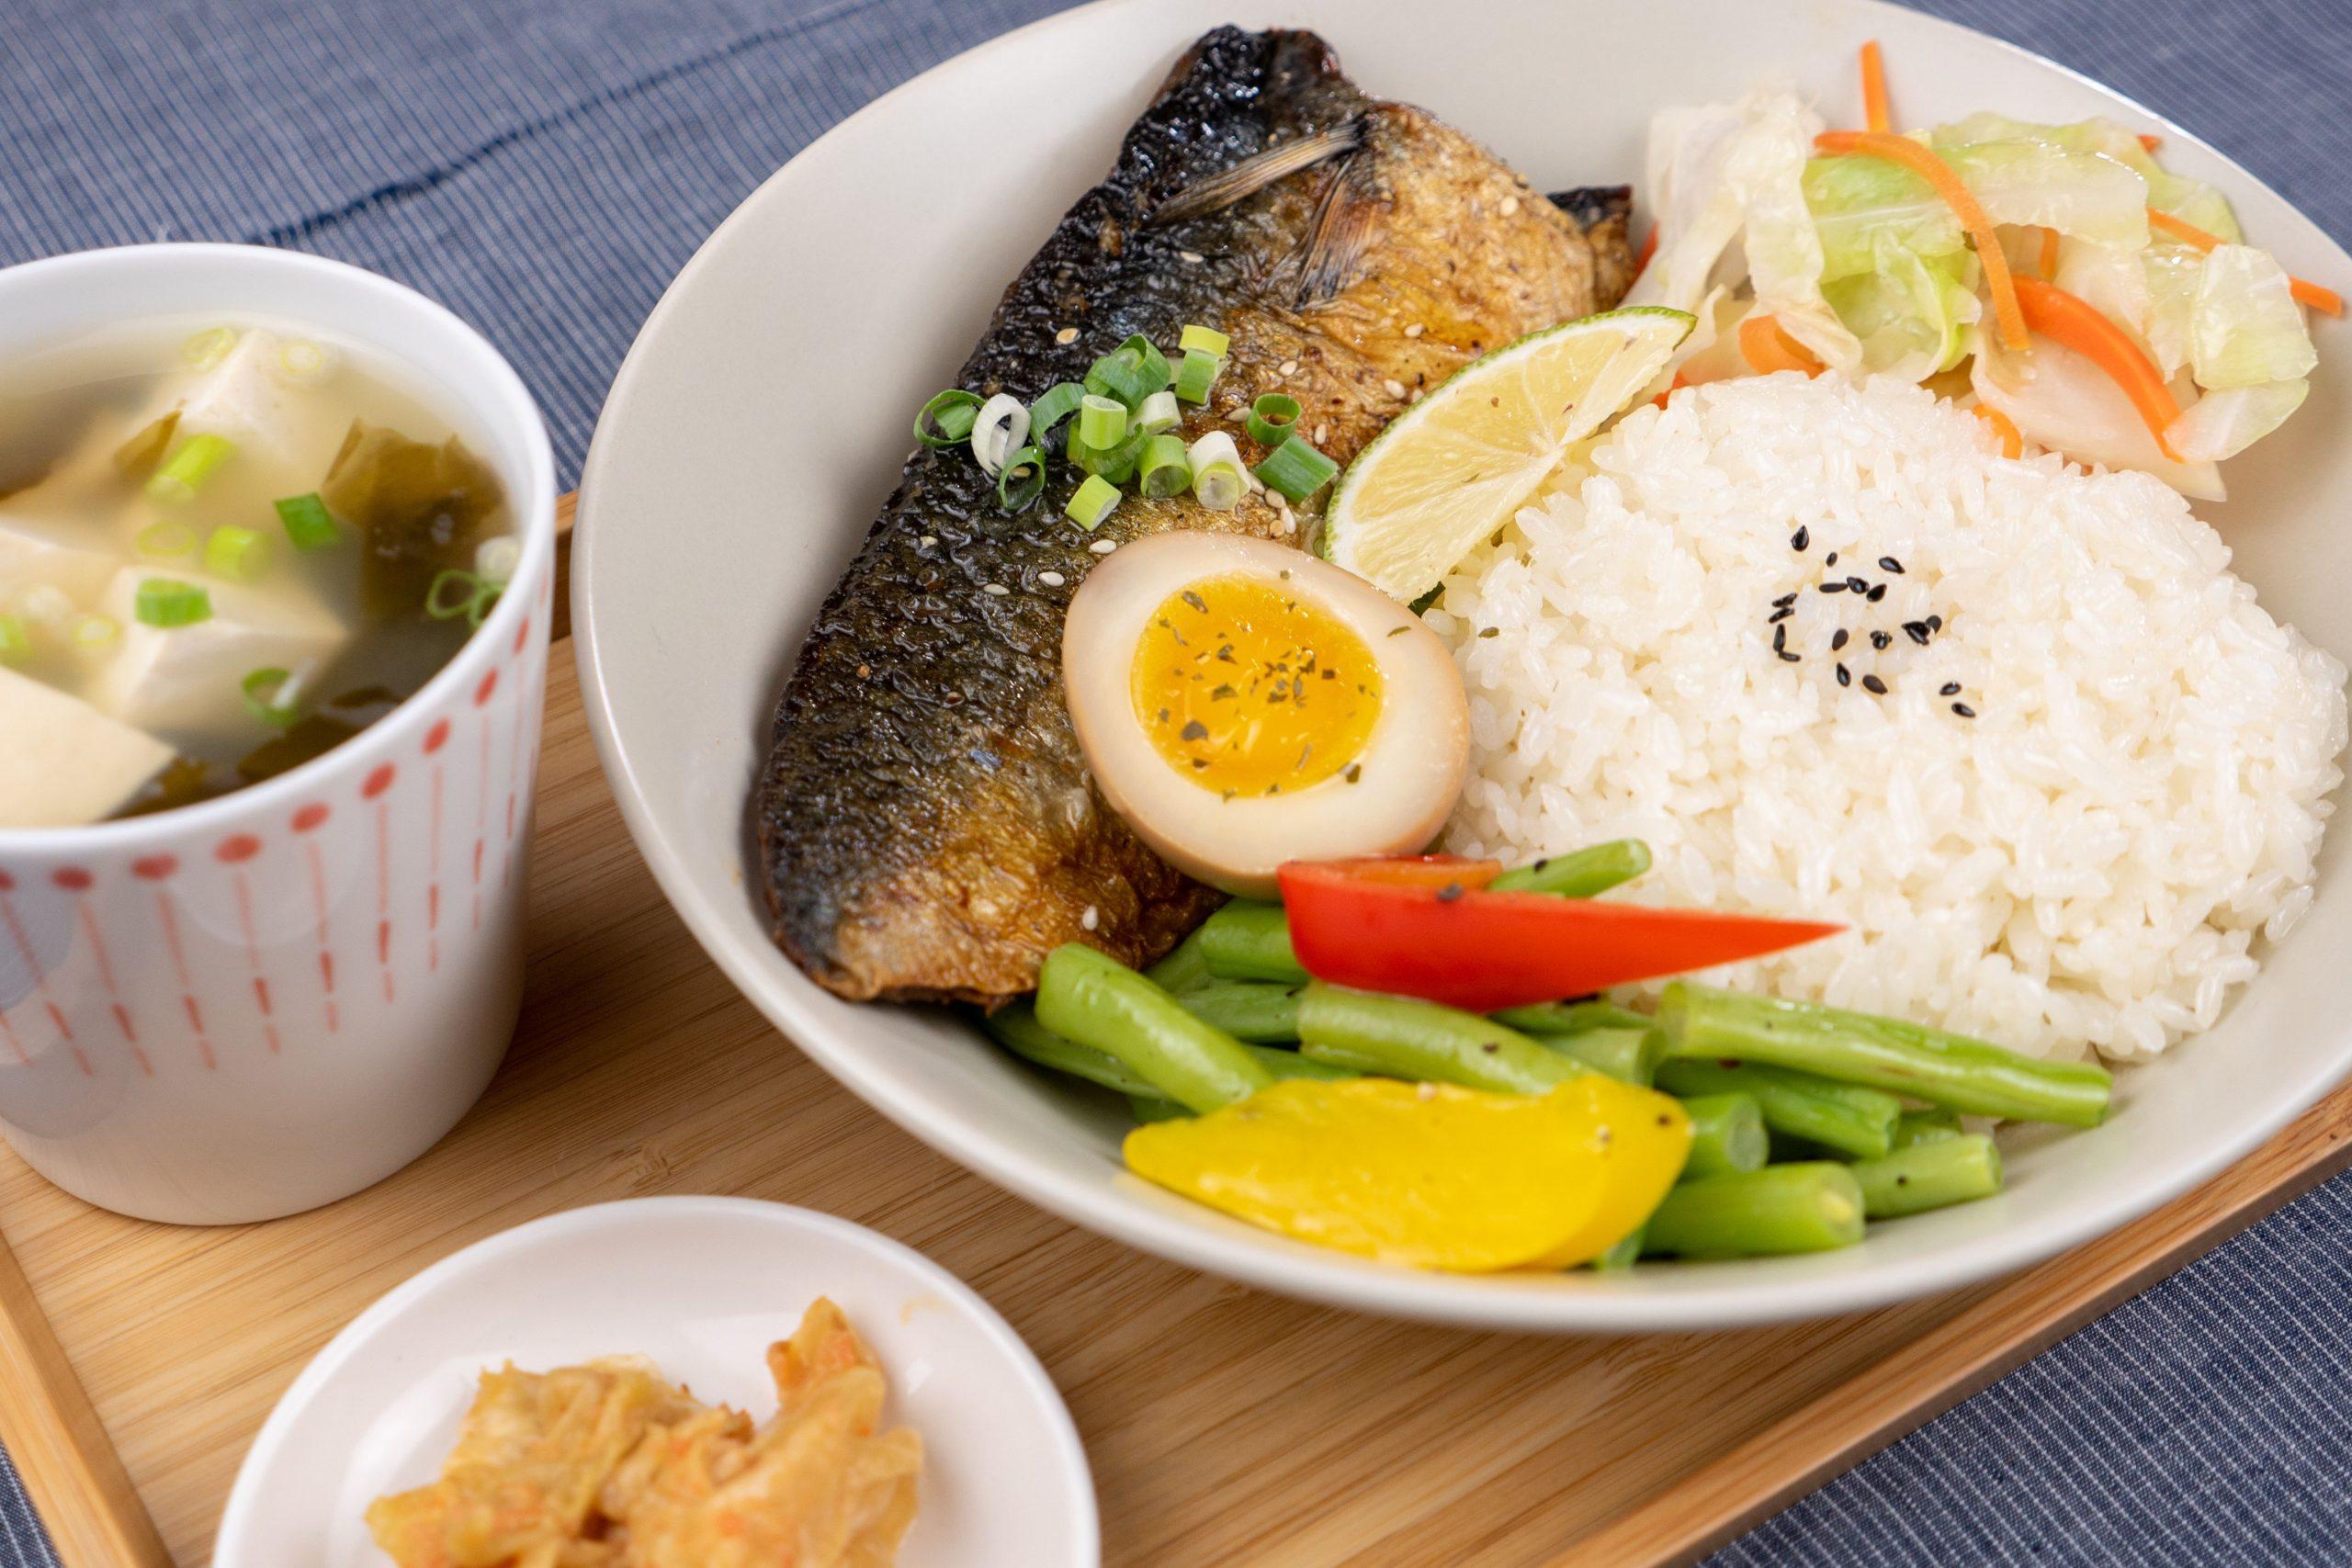 禾火餐點|香煎鯖魚飯,外皮焦香酥脆,肉質鮮嫩好吃